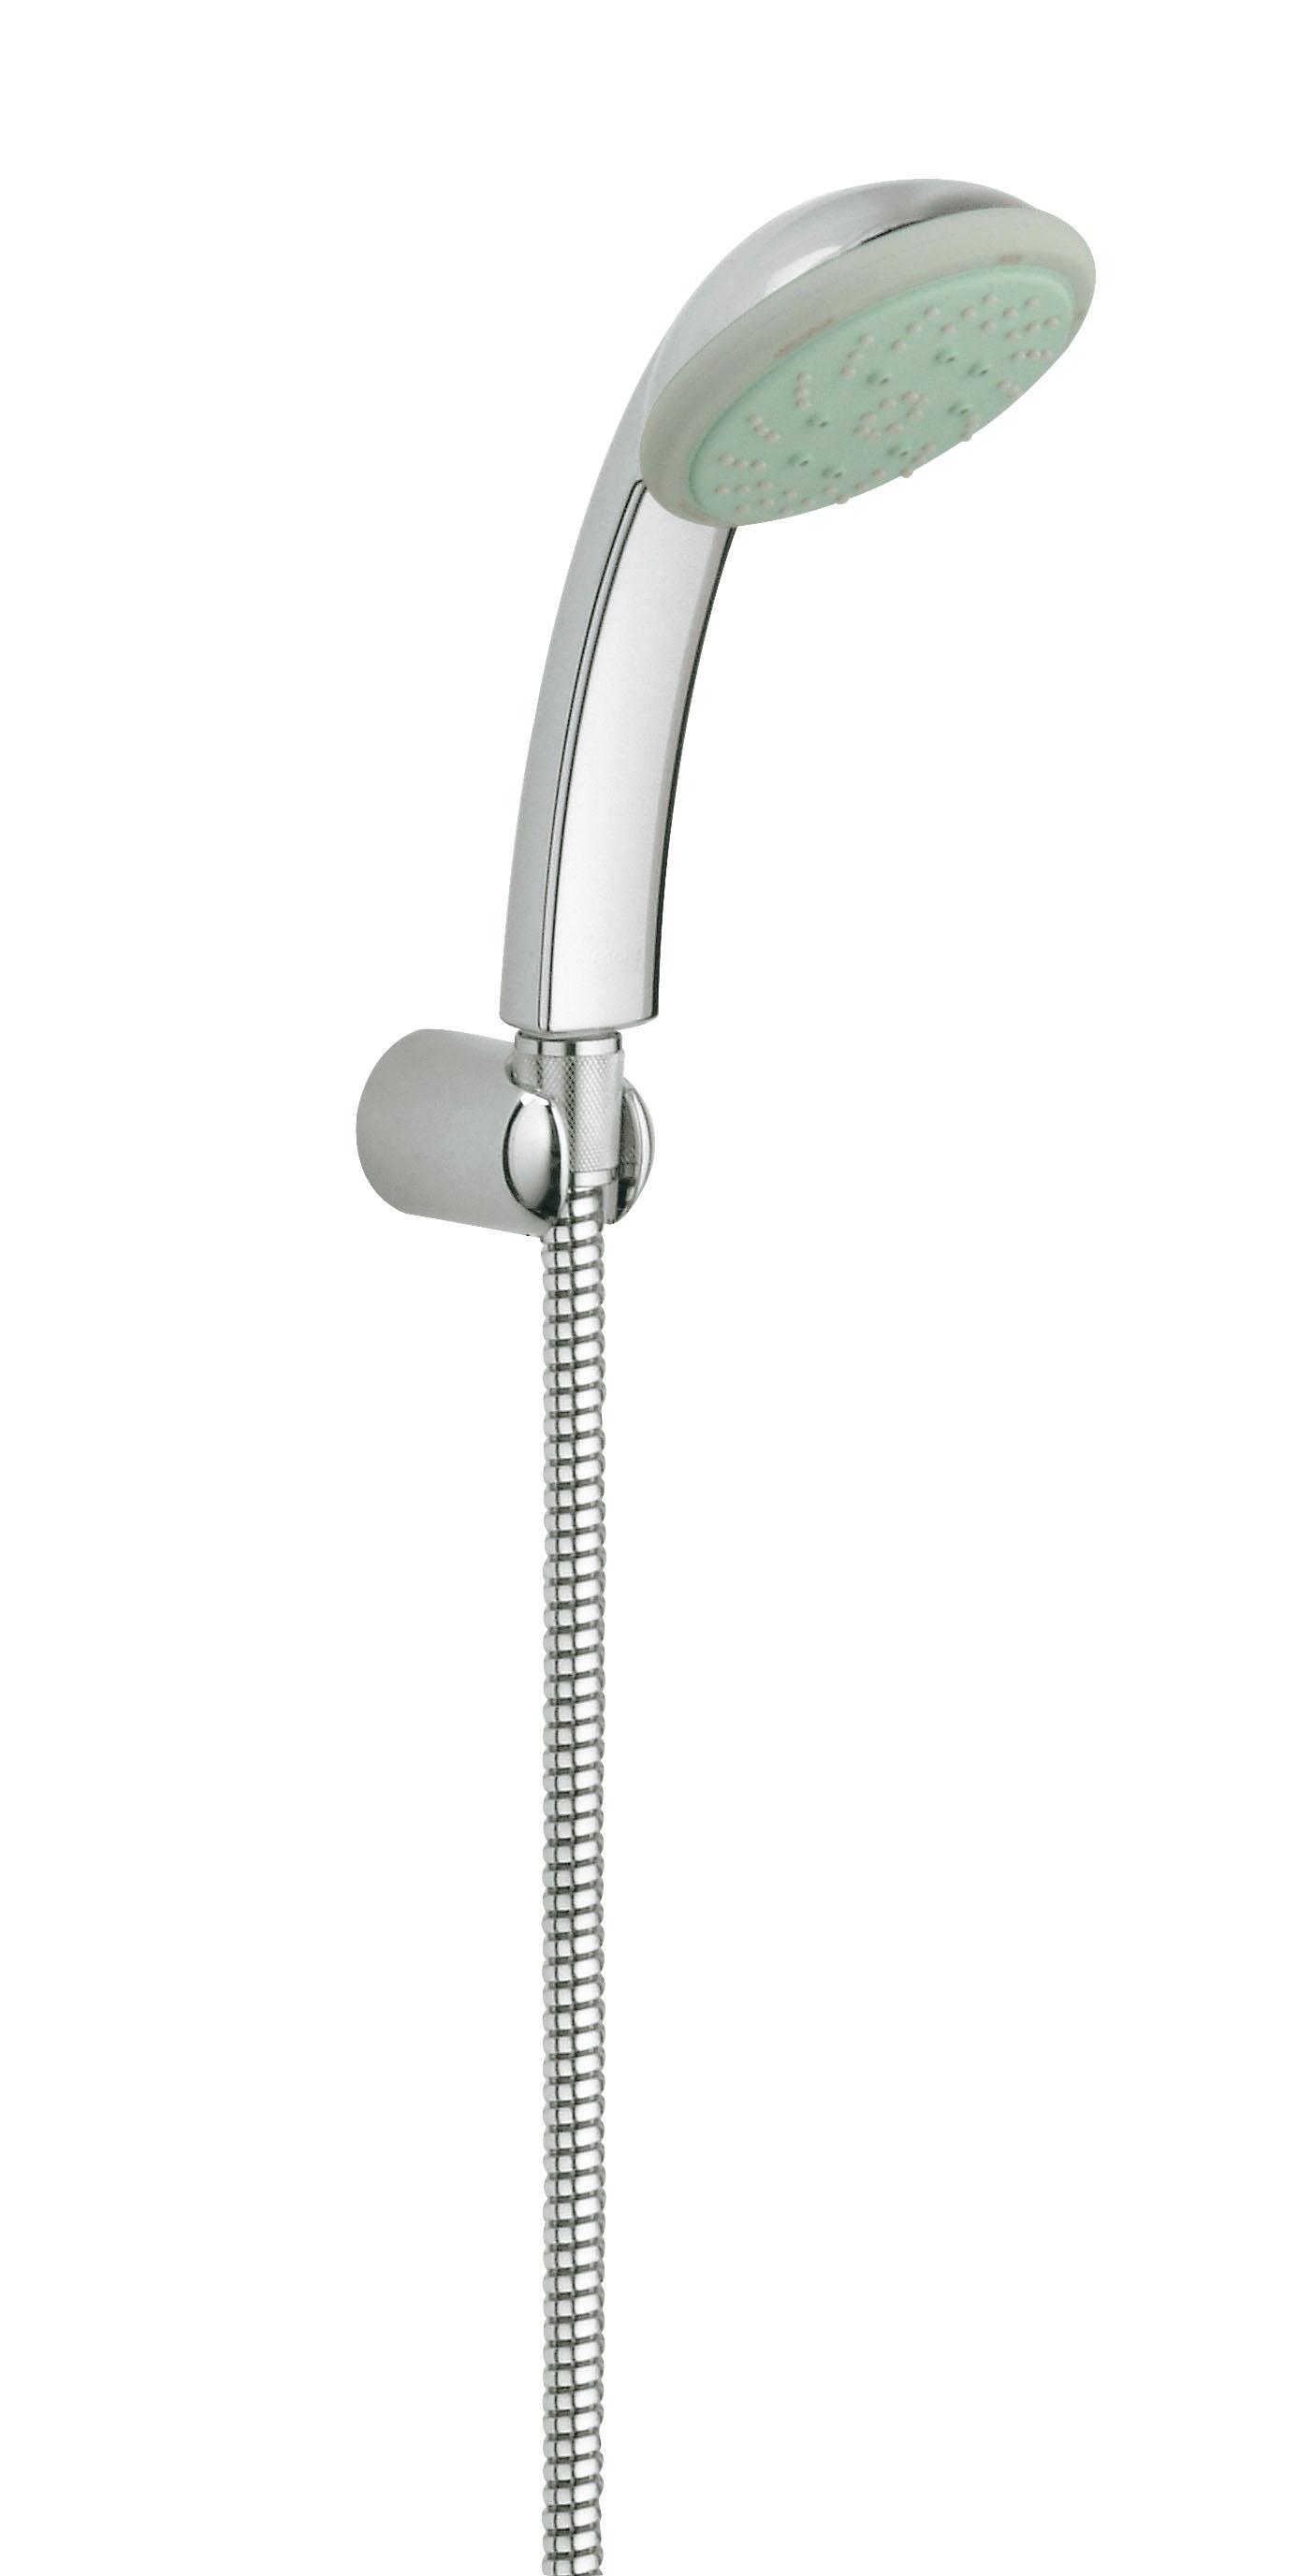 Ручной душ GROHE Tempesta Trio (28578000)28578000Jet / Rain / Massage С системой SpeedClean против известковых отложений Ограничитель расхода Видео по установке является исключительно информационным. Установка должна проводиться профессионалами!